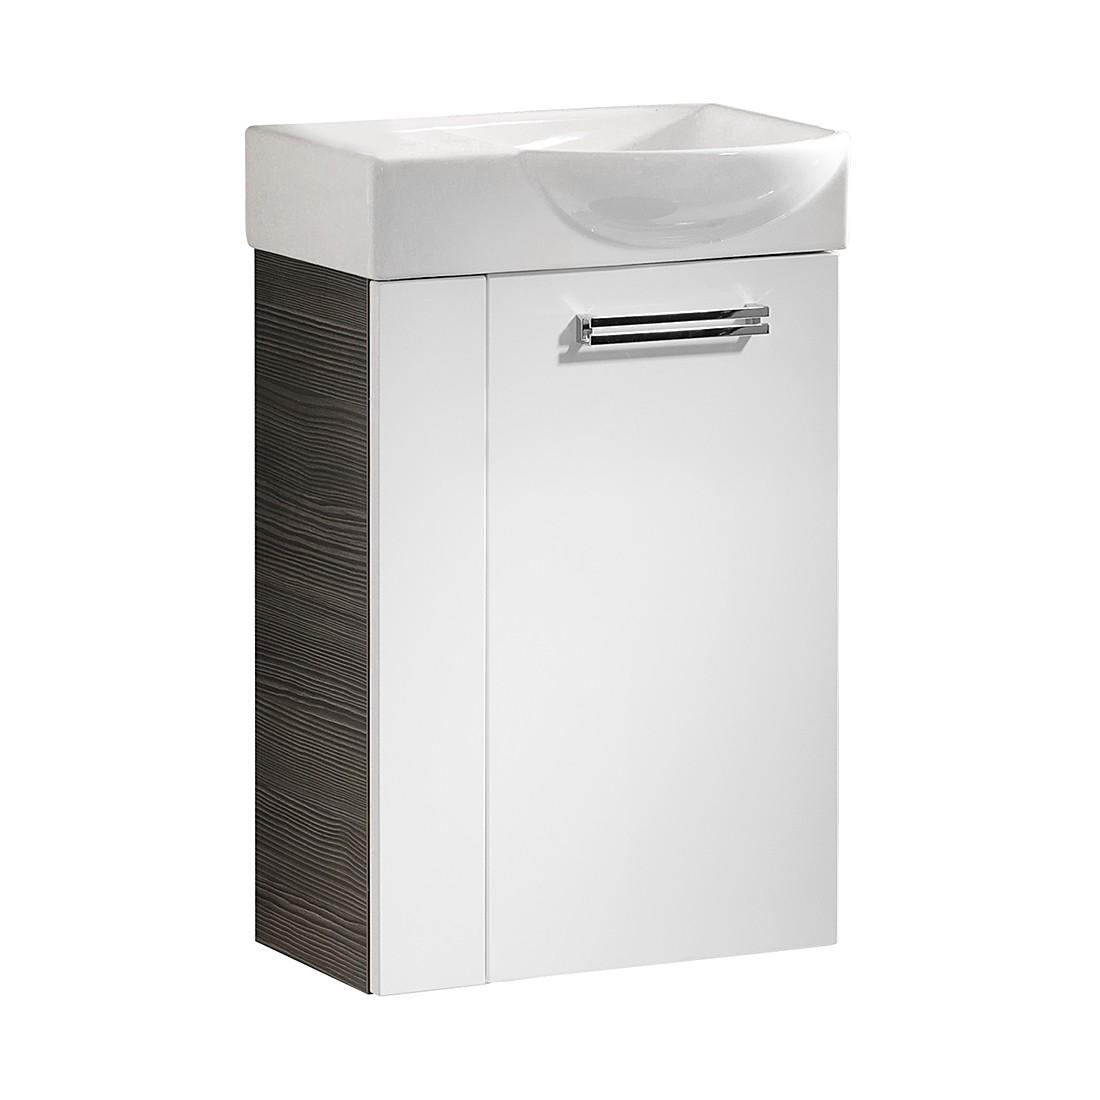 Waschtisch Como – Pinie-Anthrazit Dekor/Weiß – 45 cm – Rechts, Fackelmann online kaufen